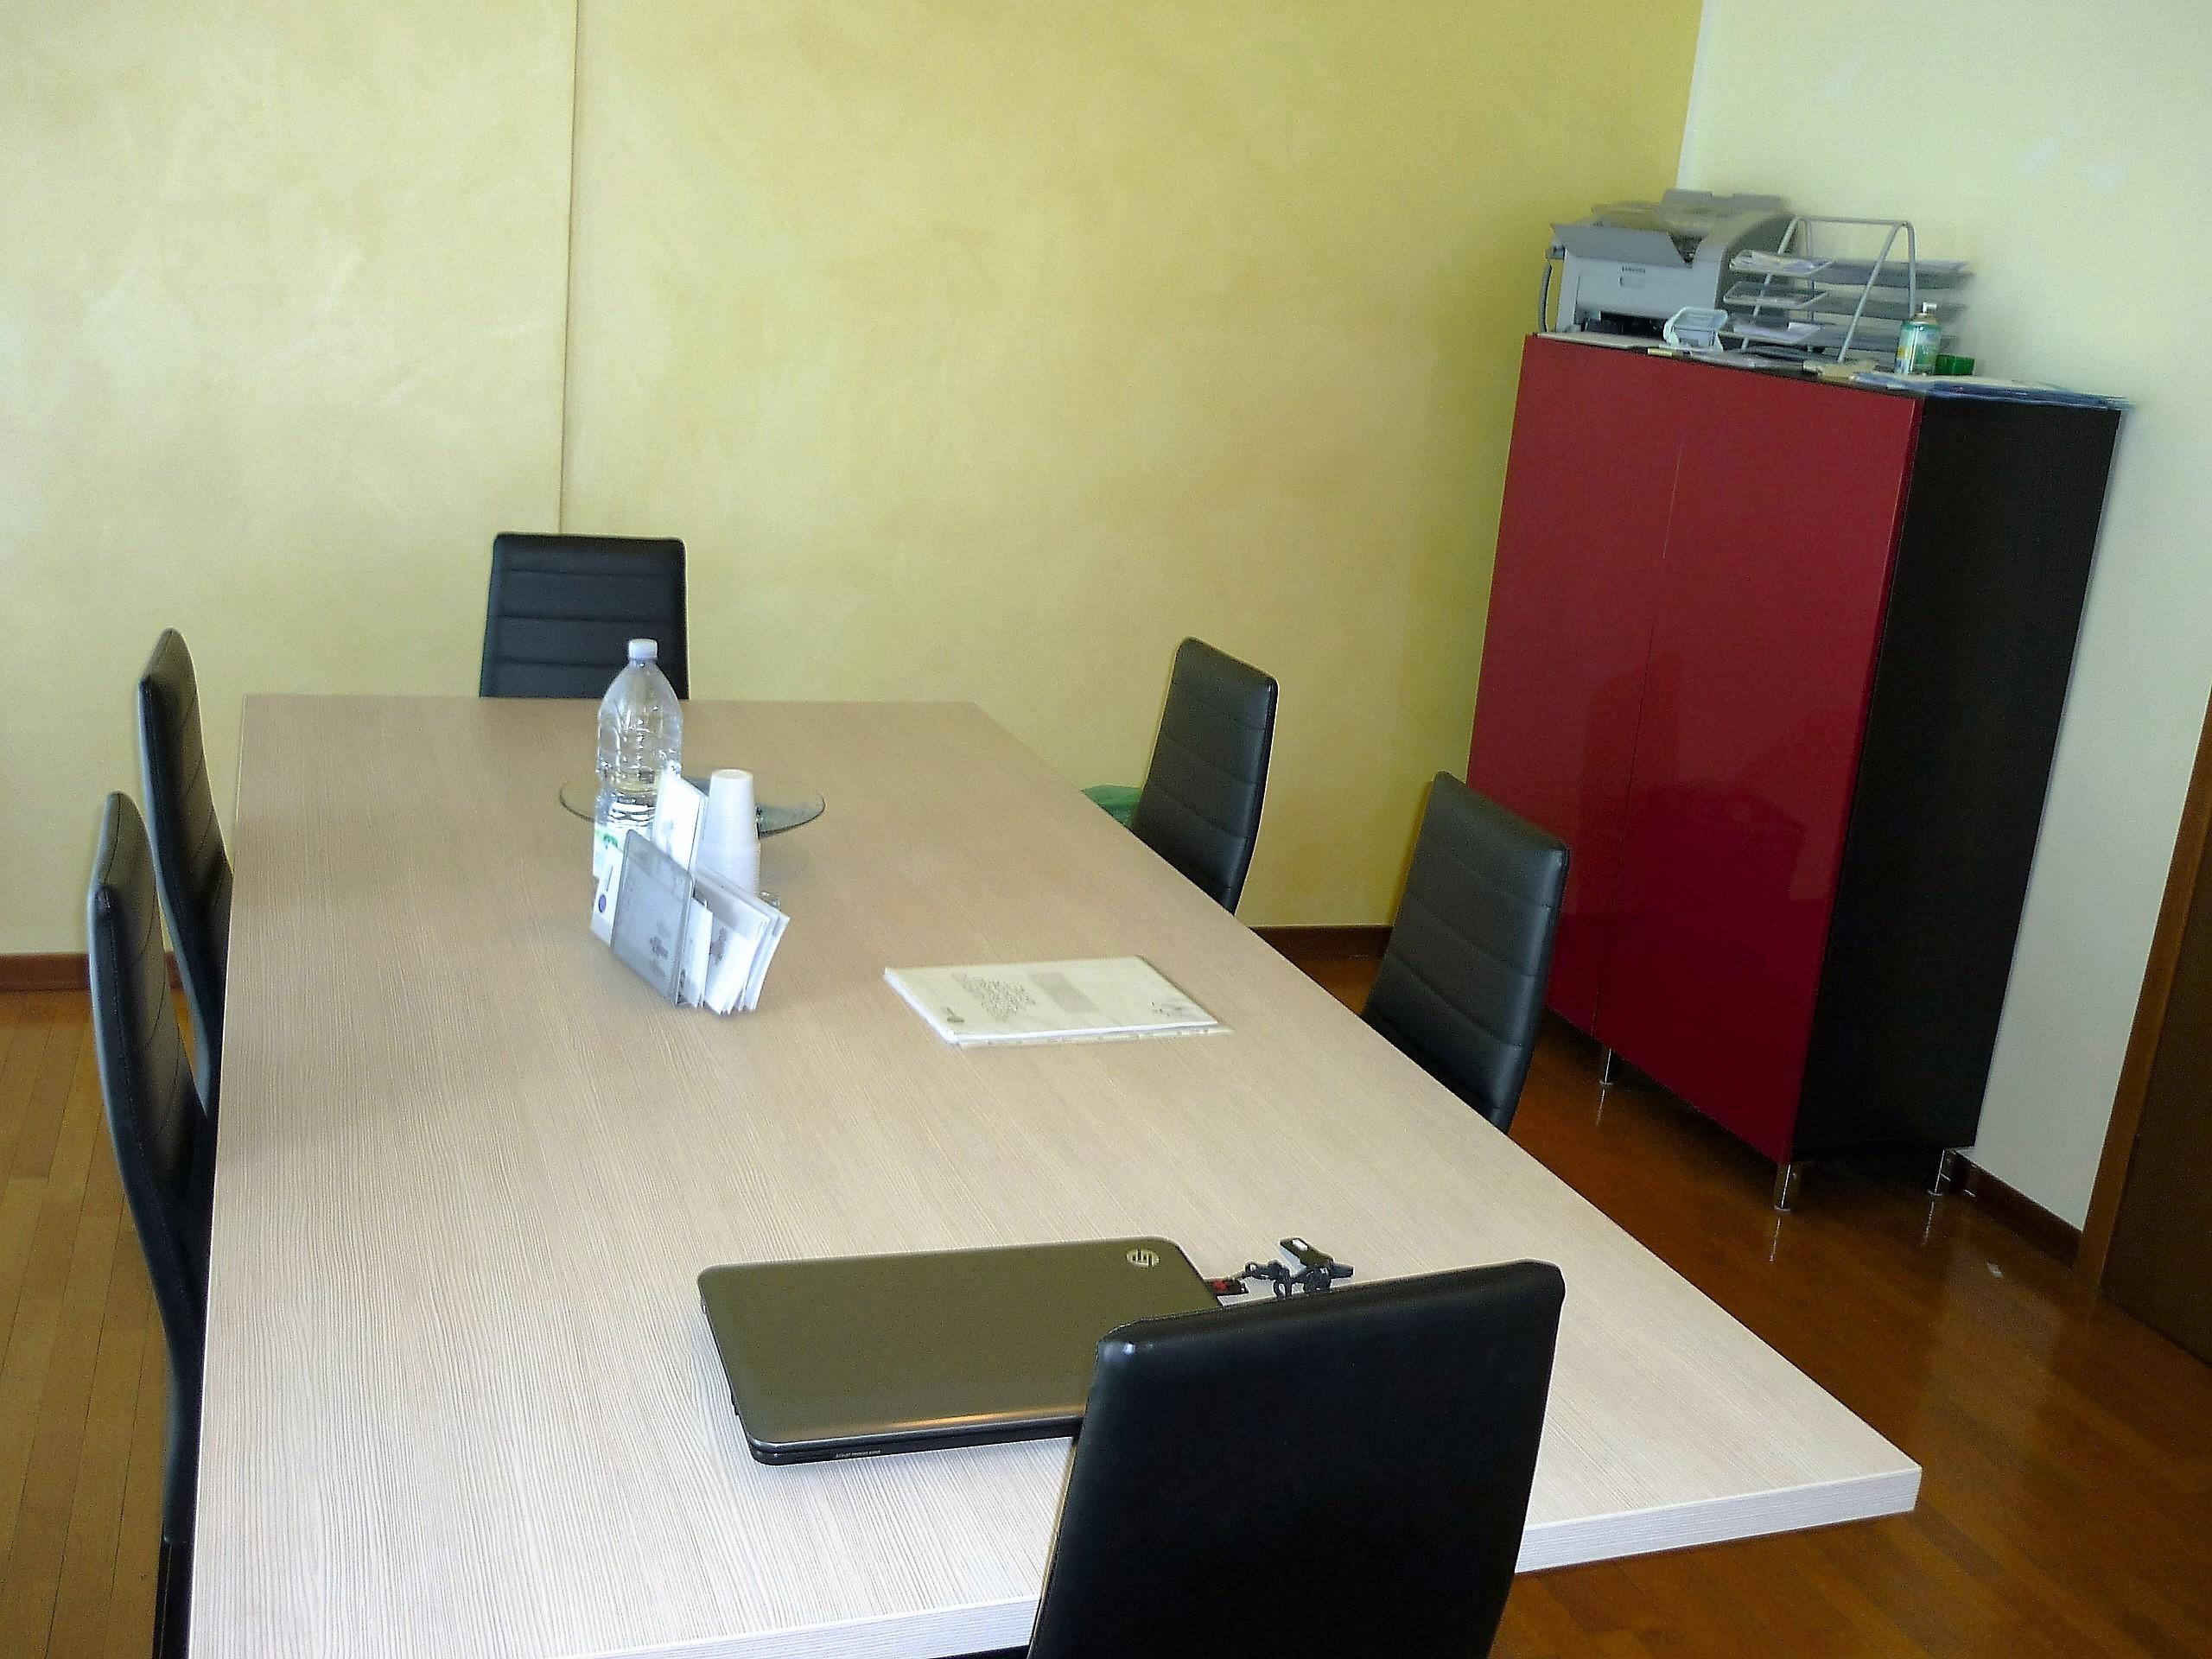 Ufficio Di Mediazione : Perugia organismo di mediazione ar net